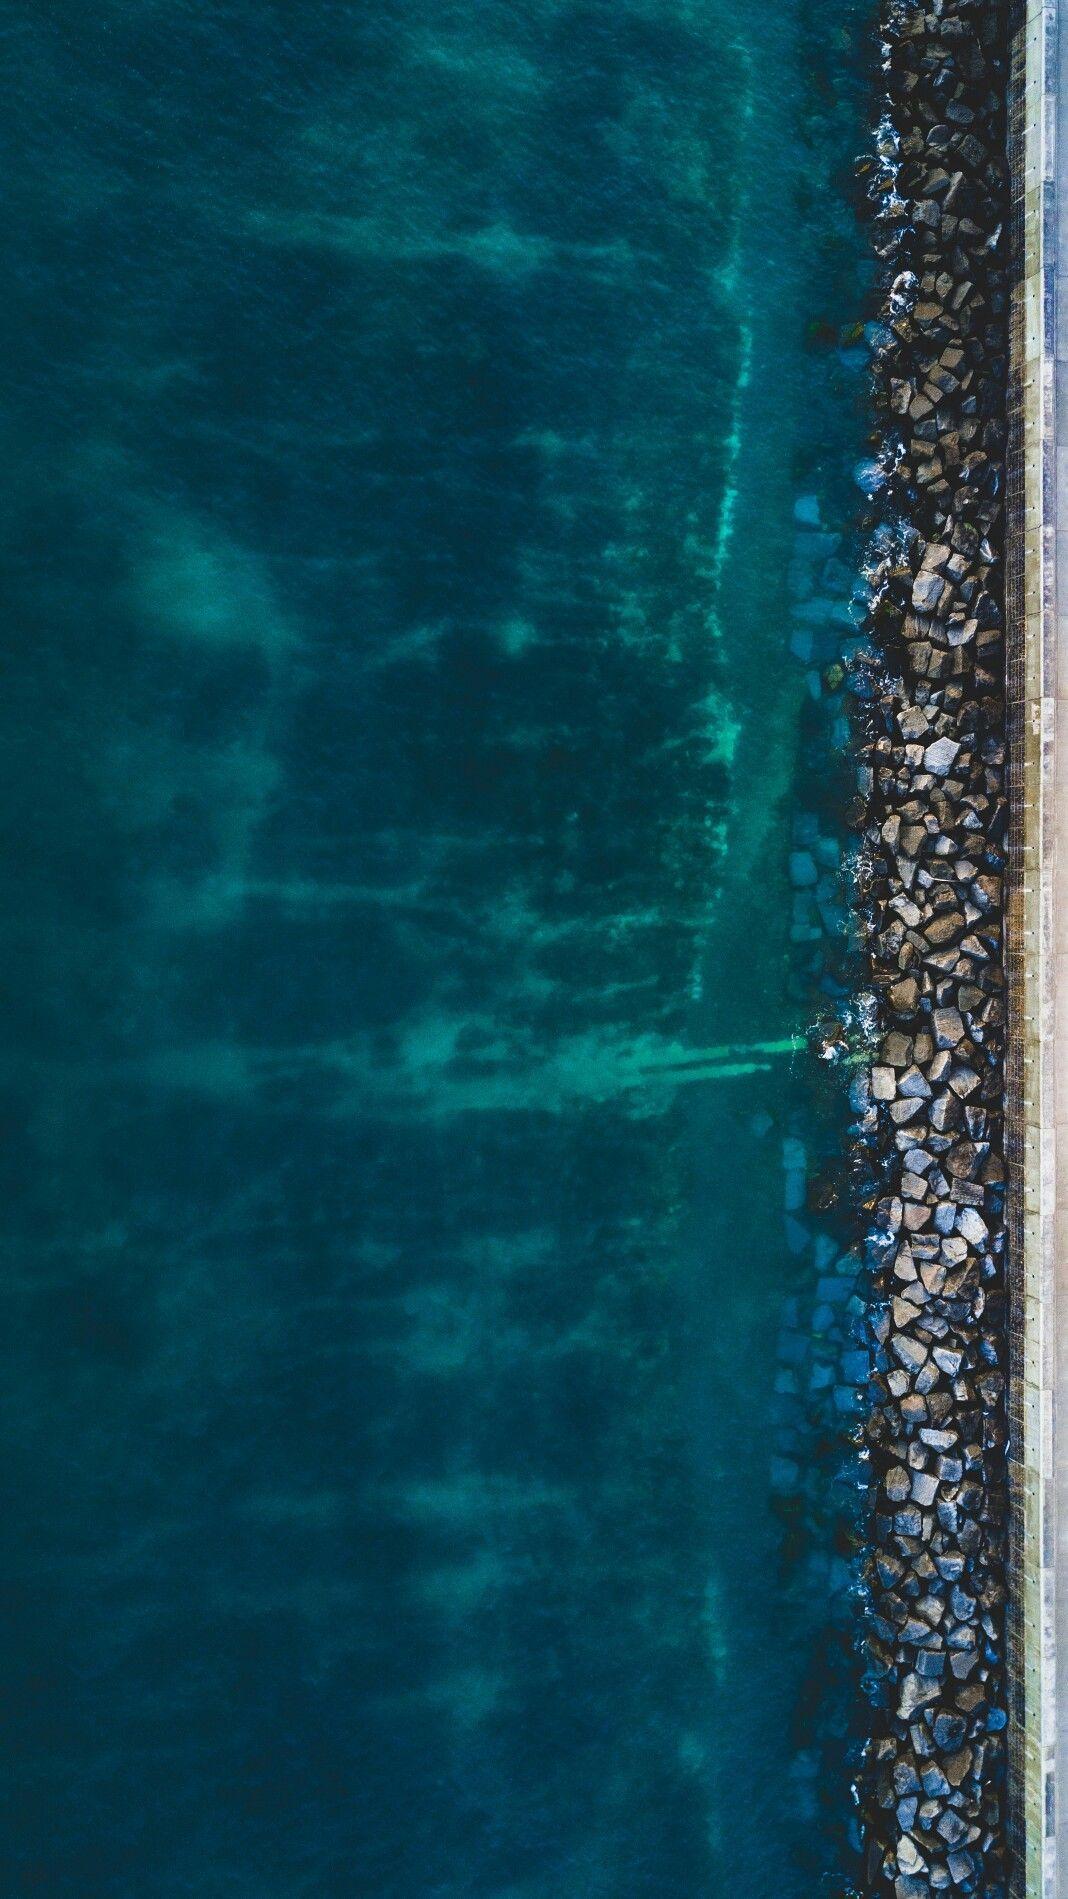 #DronePhotography   PAISAJES en 2019   Fondos de pantalla ...